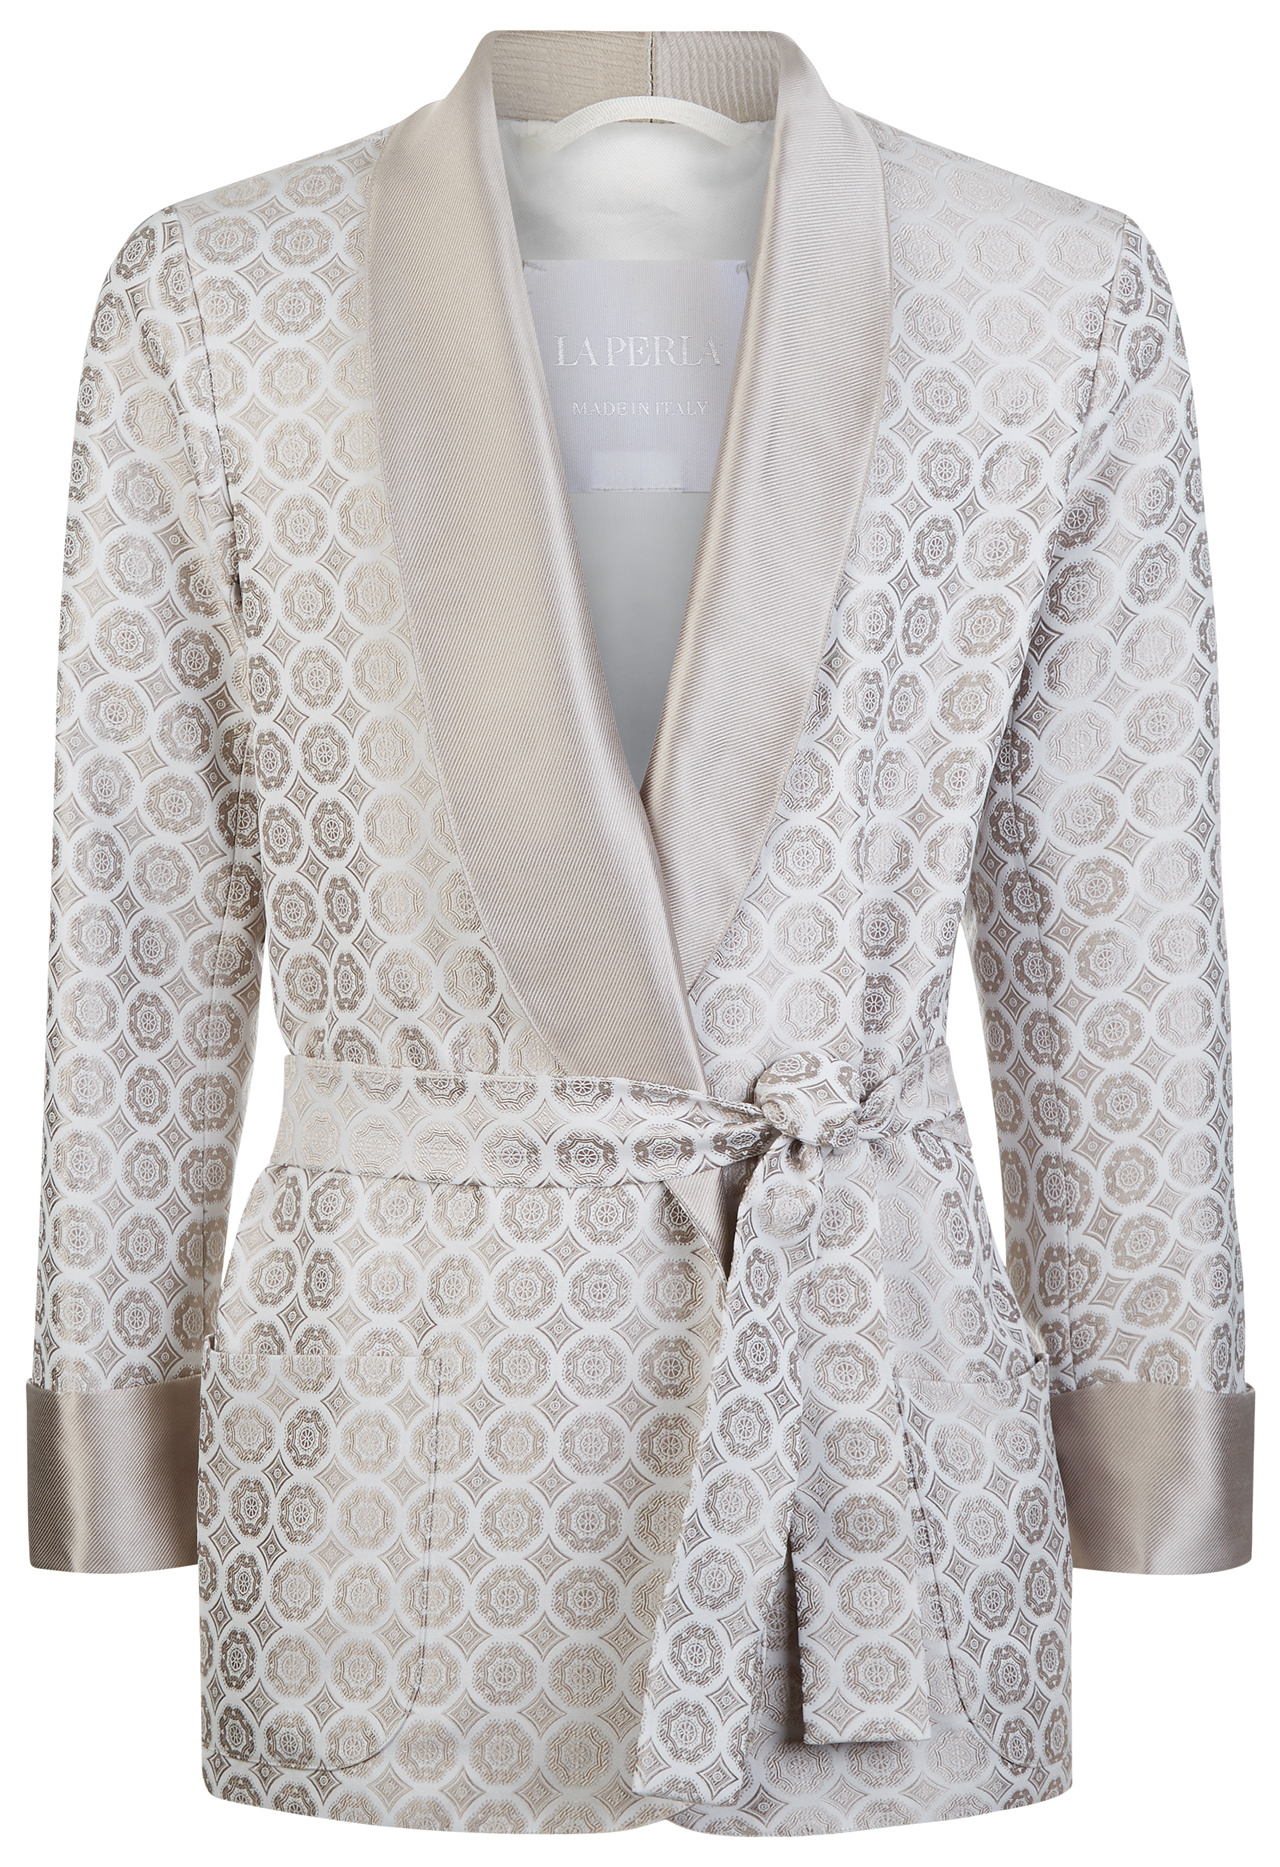 Мужская одежда для дома, smoking jacket итальянского бренда La Perla